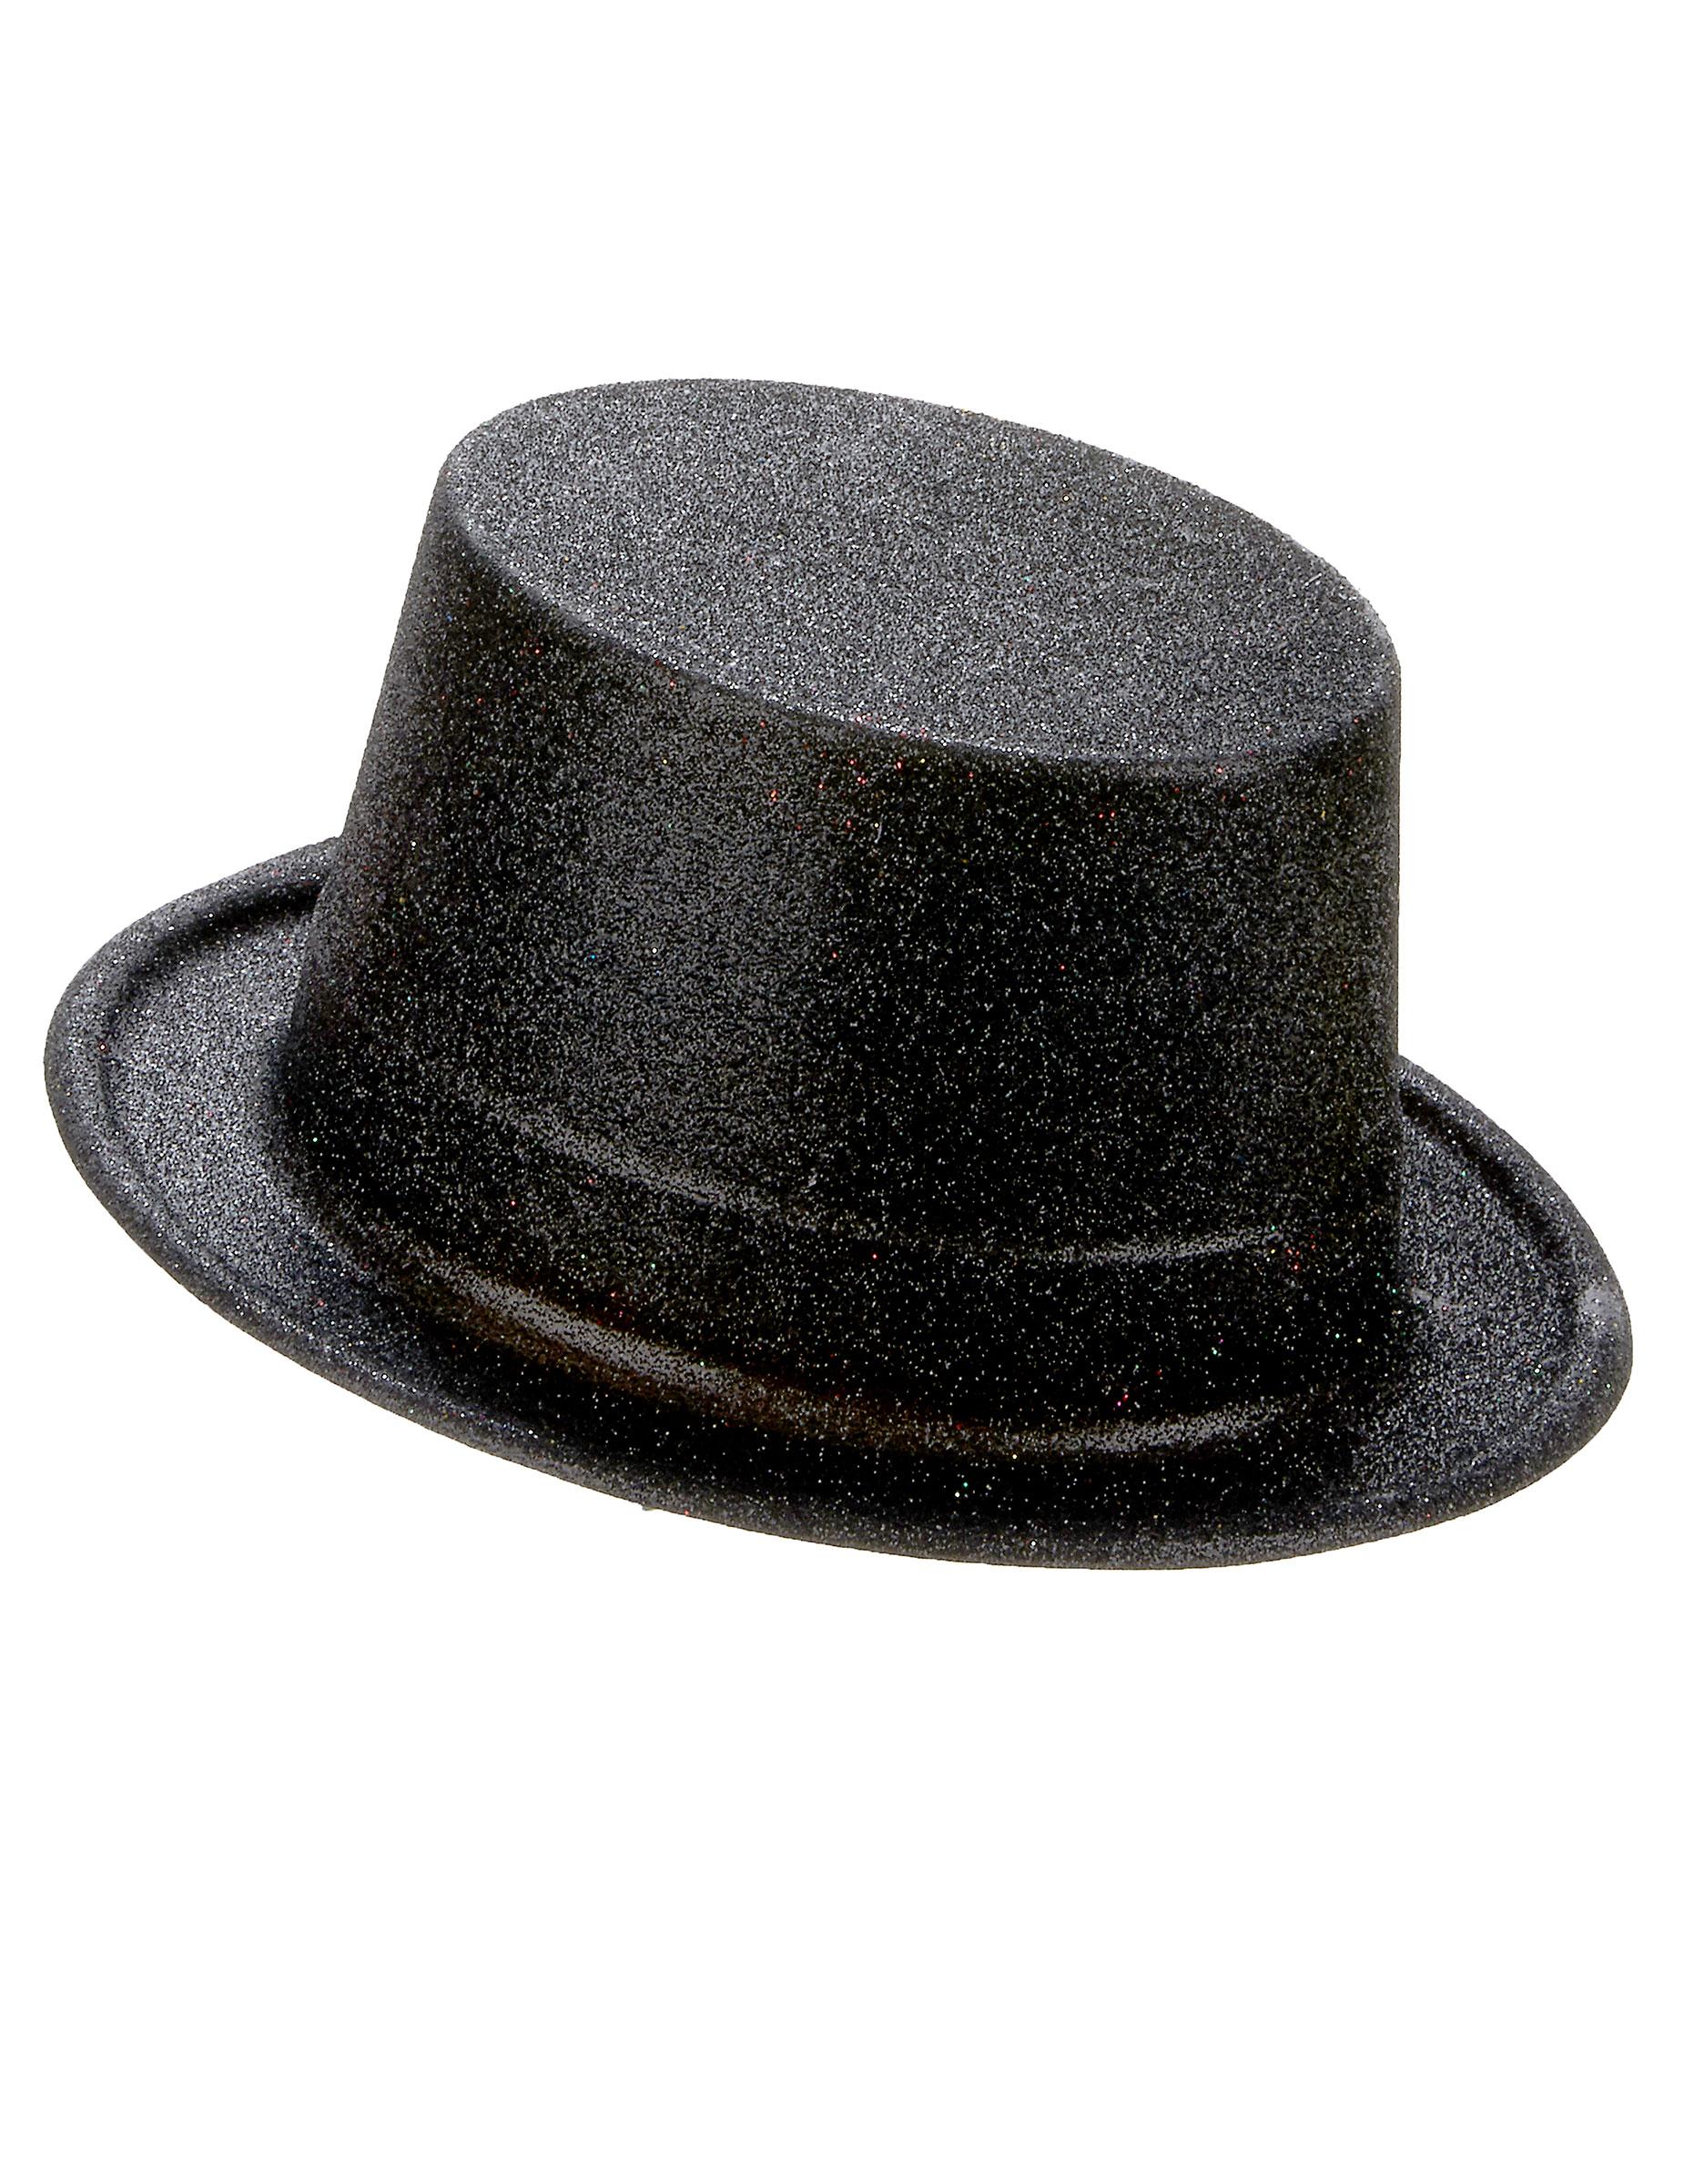 Venda de chapéus baratos para festa de ano novo e reveillon - Vegaoo.pt a790be3563d